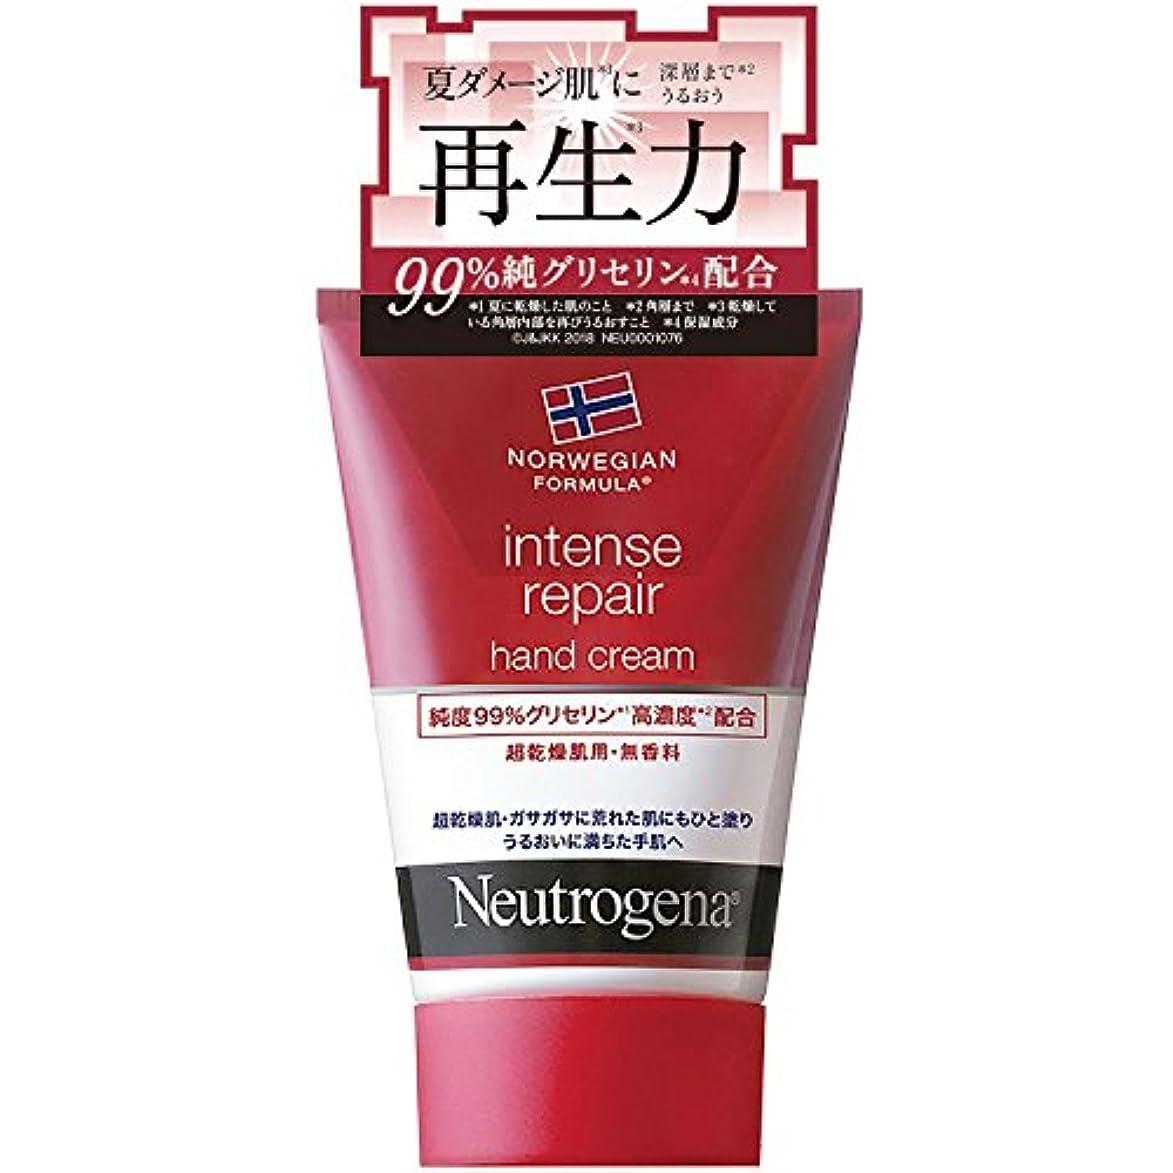 蜜虚弱テロNeutrogena(ニュートロジーナ) ノルウェーフォーミュラ インテンスリペア ハンドクリーム 超乾燥肌用 無香料 単品 50g